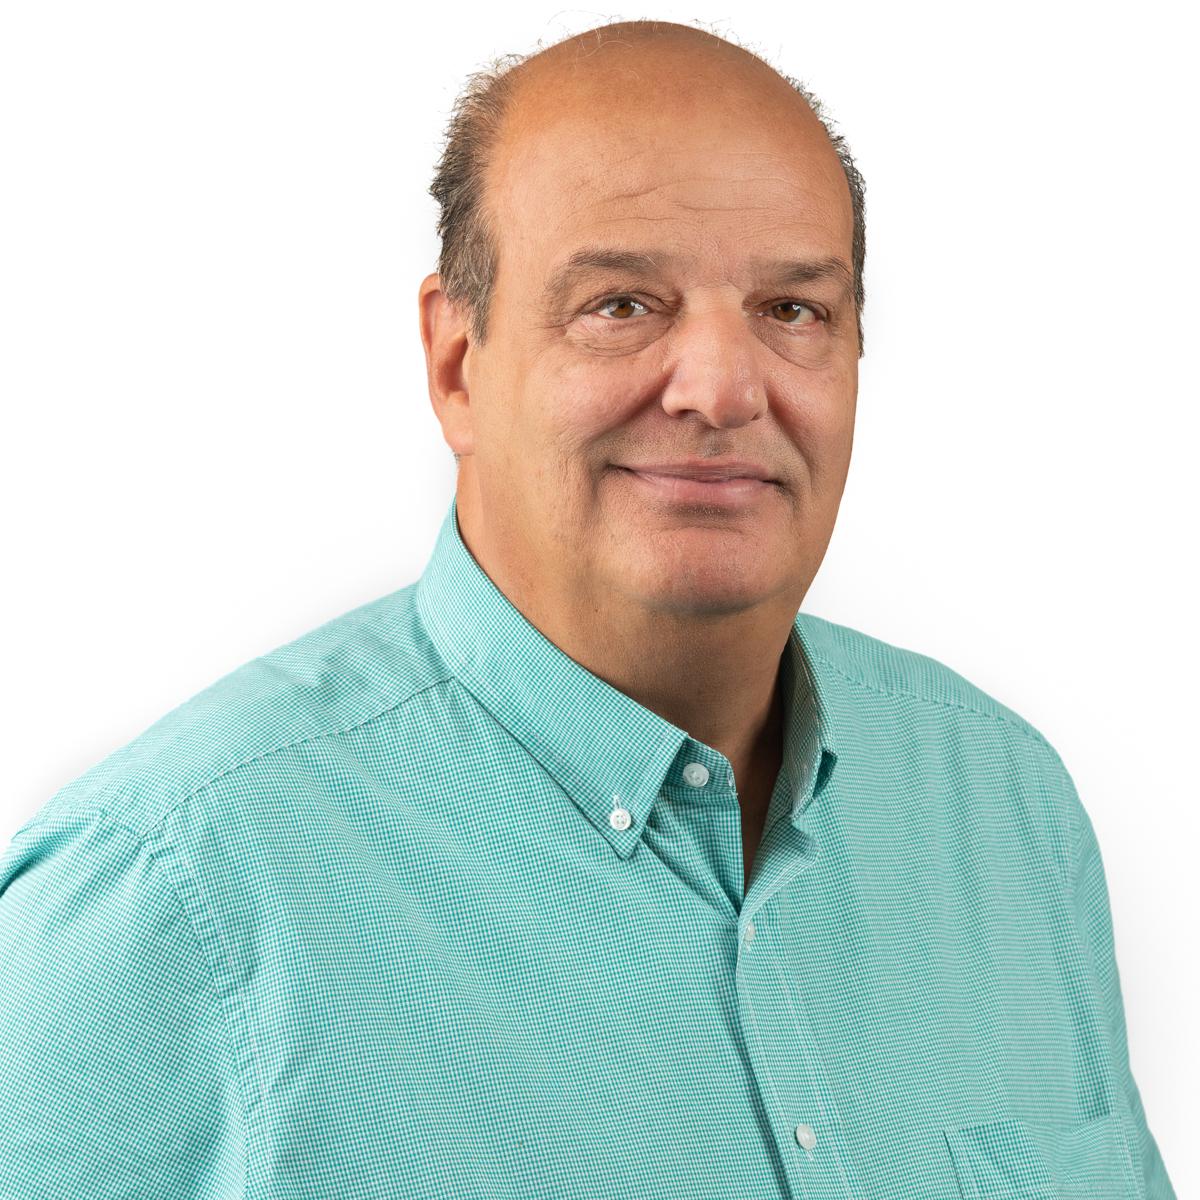 Arturo Lora